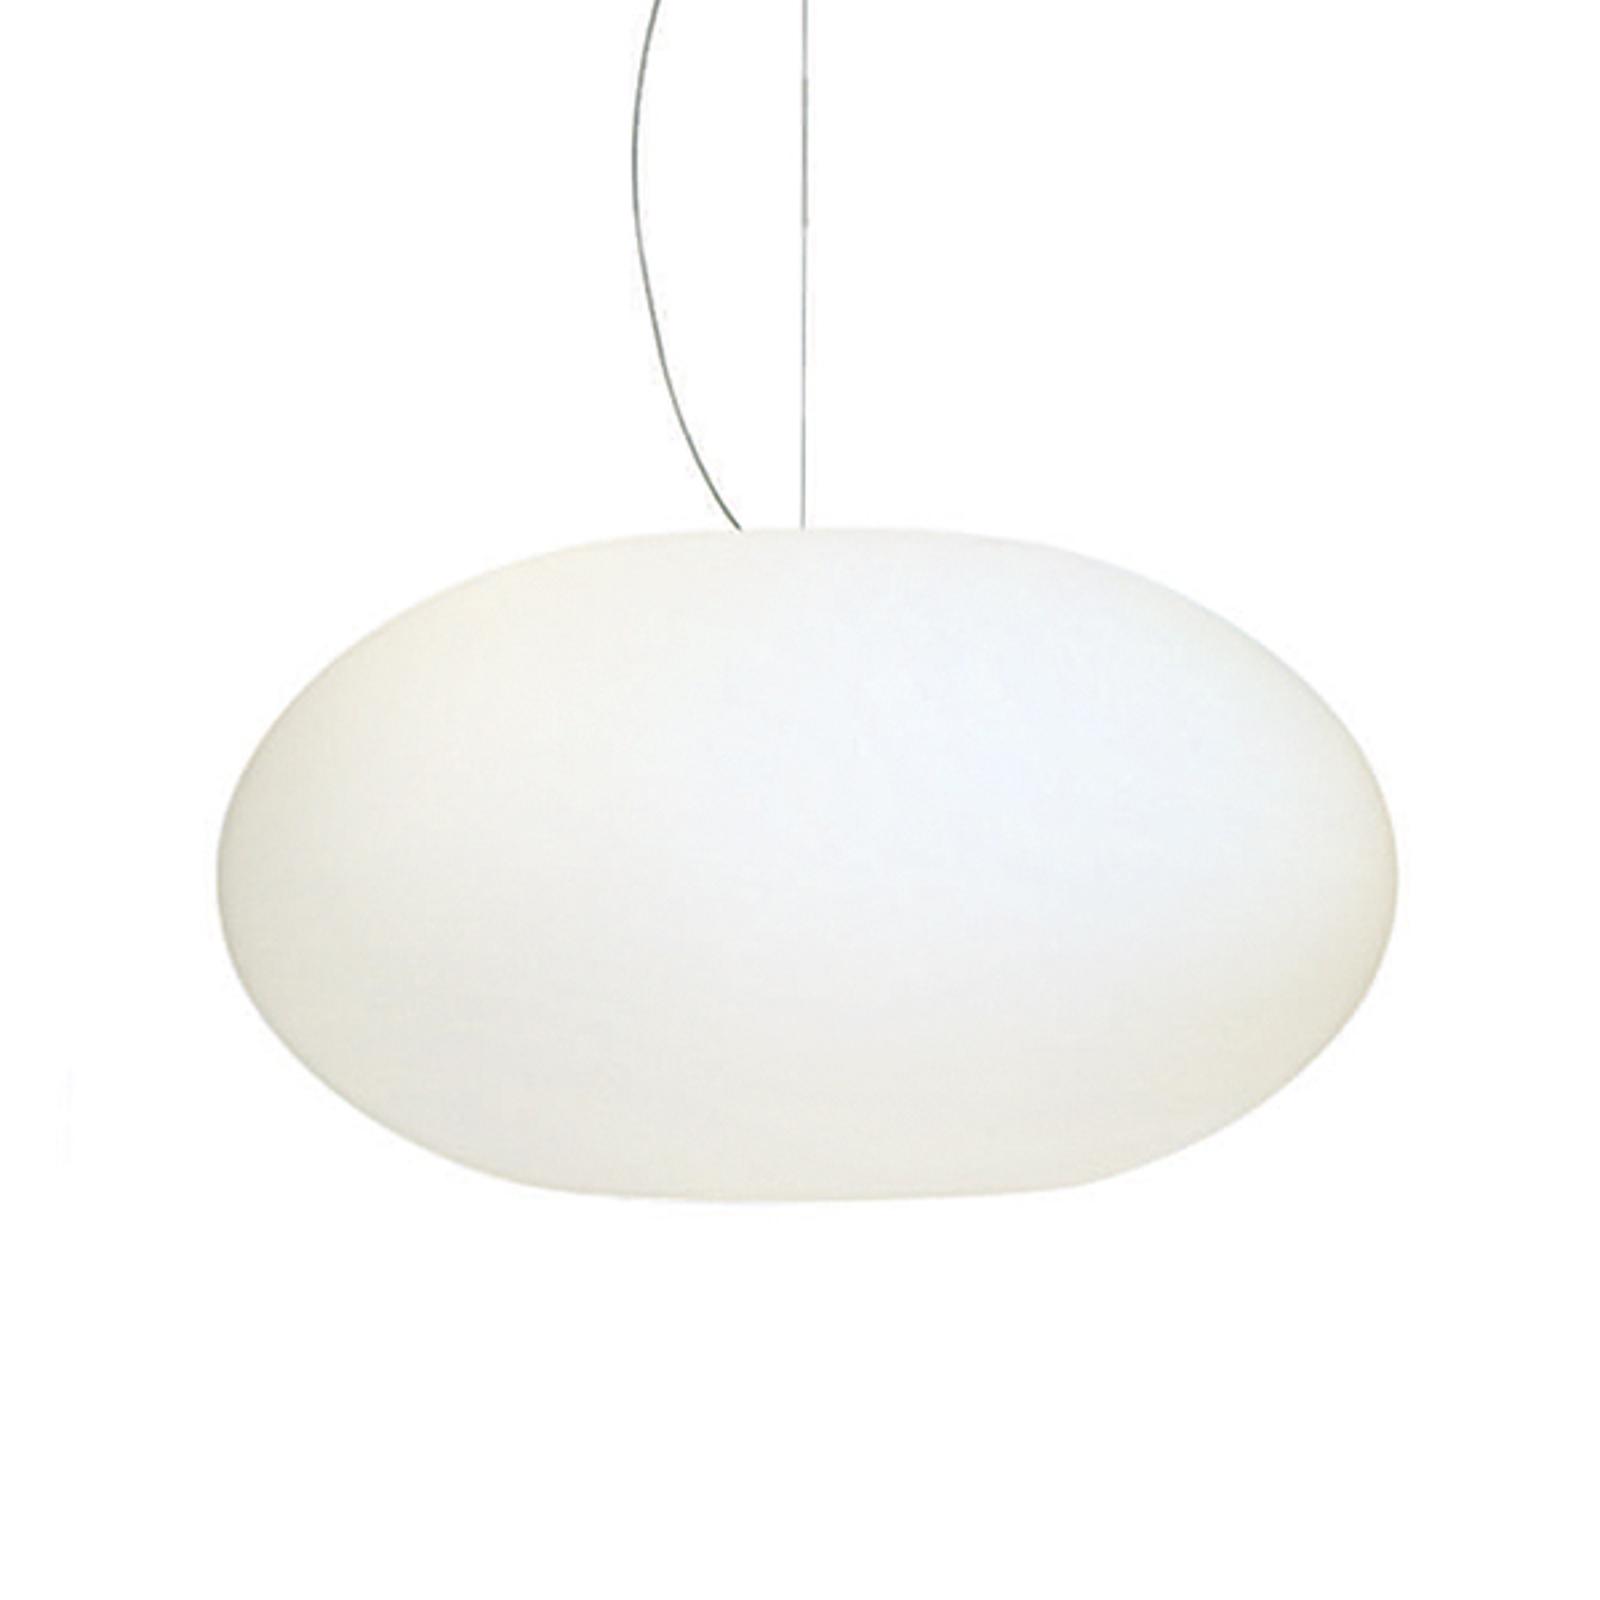 Szklana lampa wisząca AIH 38 cm biała